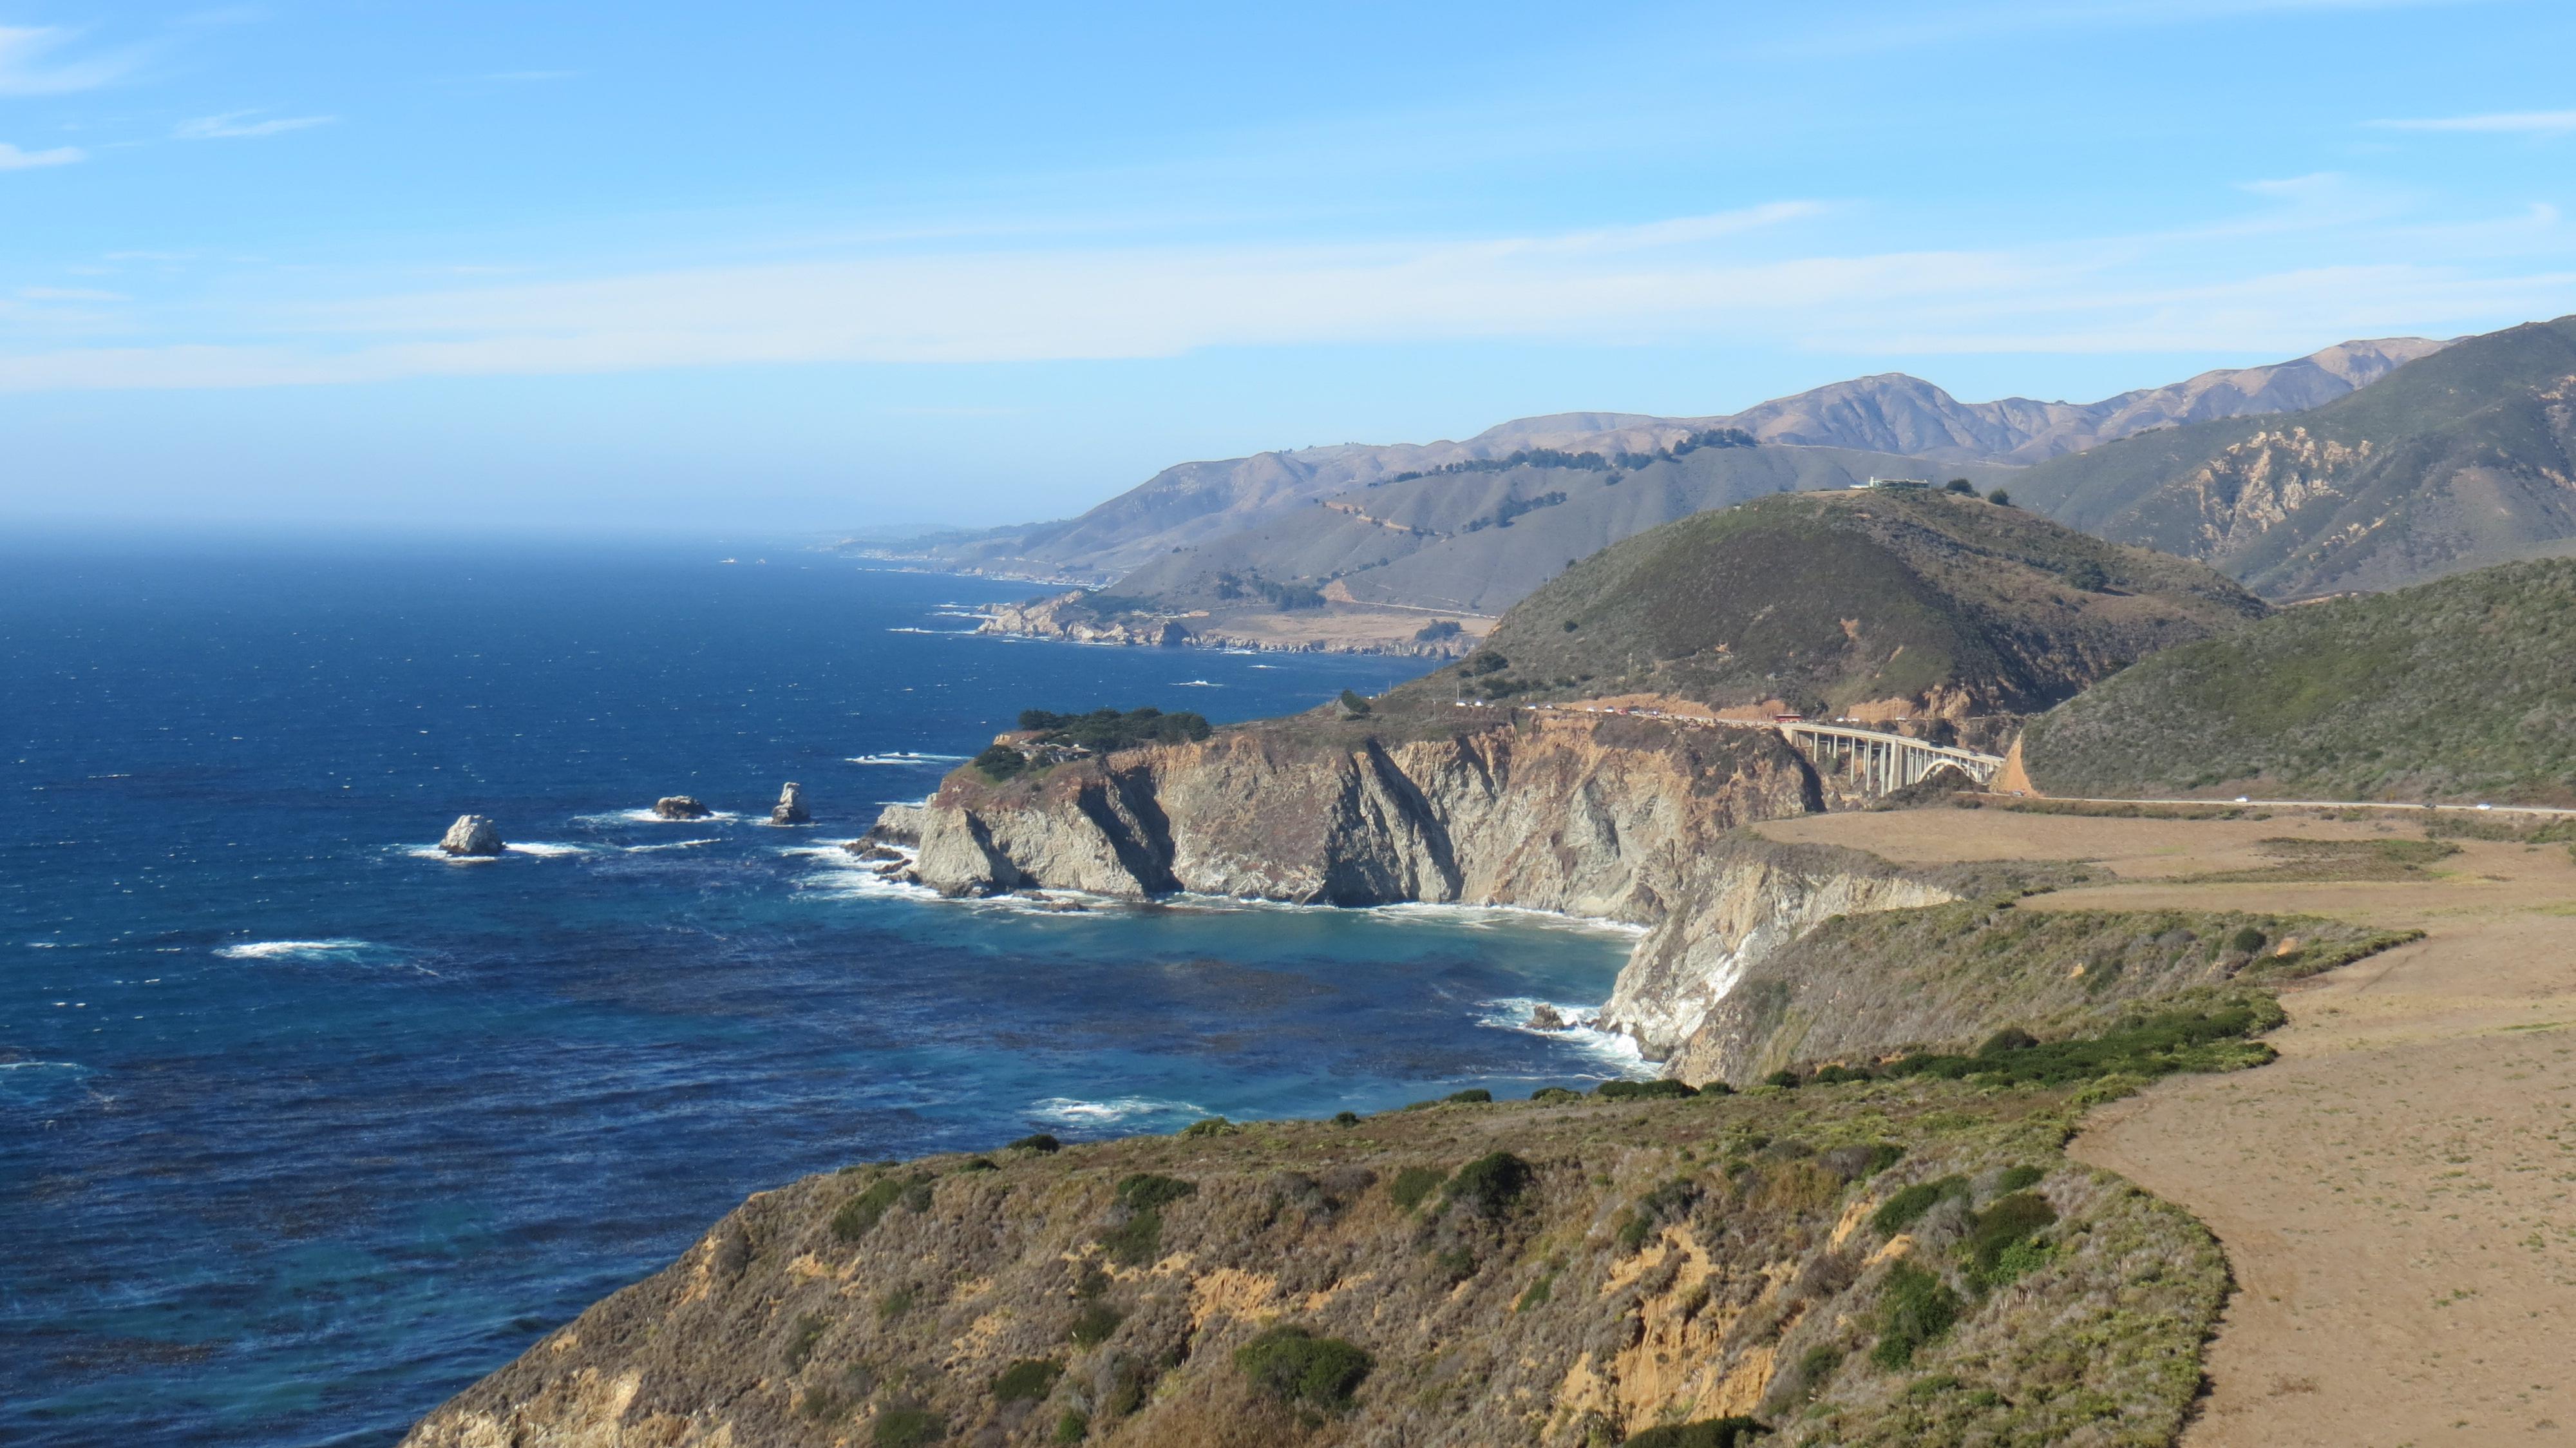 Montanhas que avançam sobre o azul do Pacífico, encostas vertiginosas, praias desertas e parques nacionais se enfileiram na parte mais espetacular do litoral da Califórnia: este mirante (Hurricane Point), ainda está aberto!